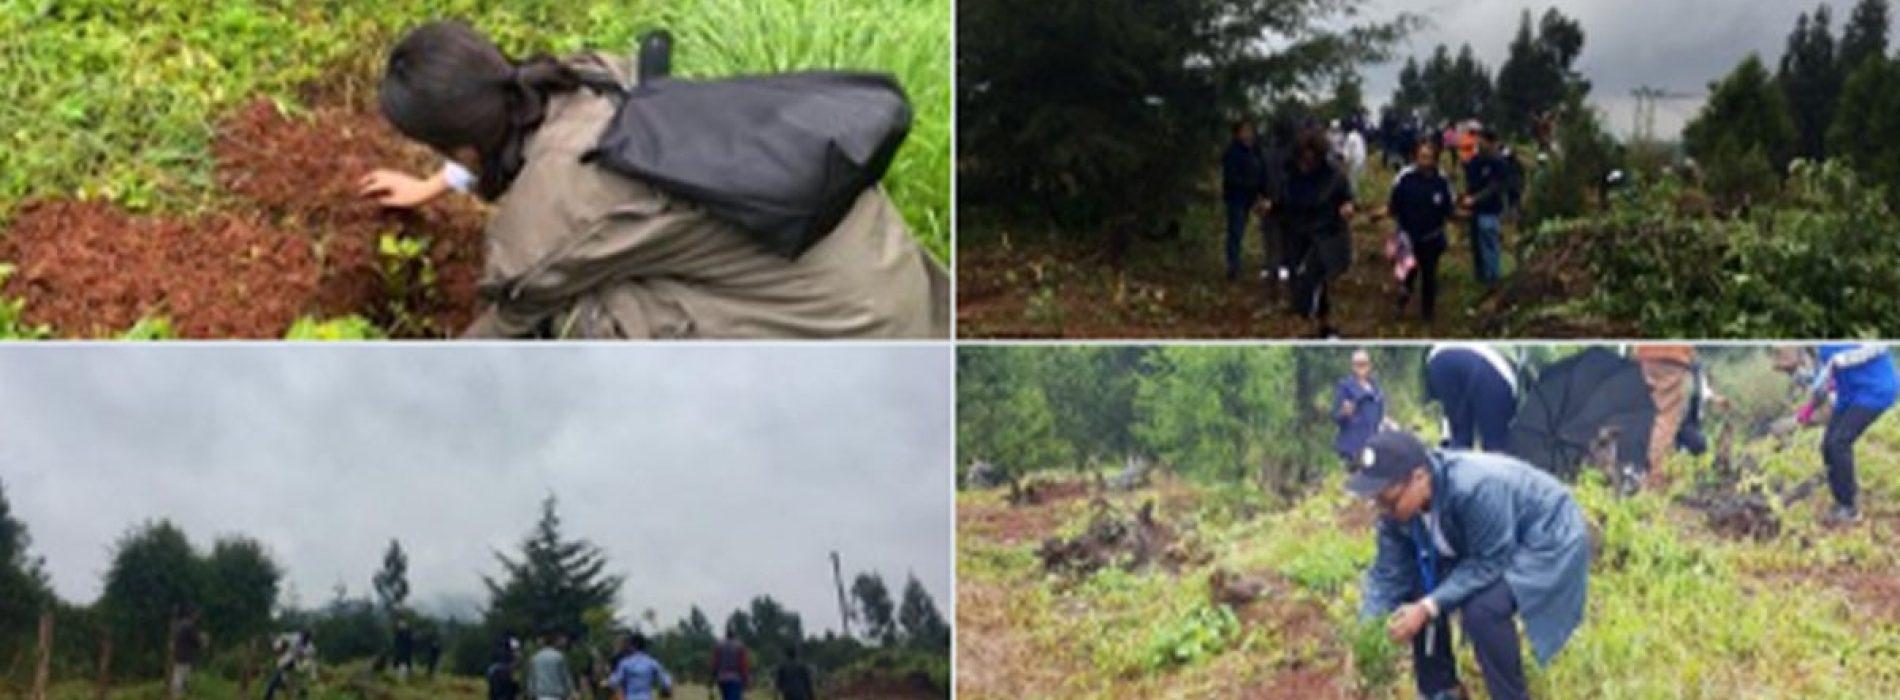 Goed bezig: Ethiopië beweert 350 miljoen bomen te hebben geplant in slechts 12 uur